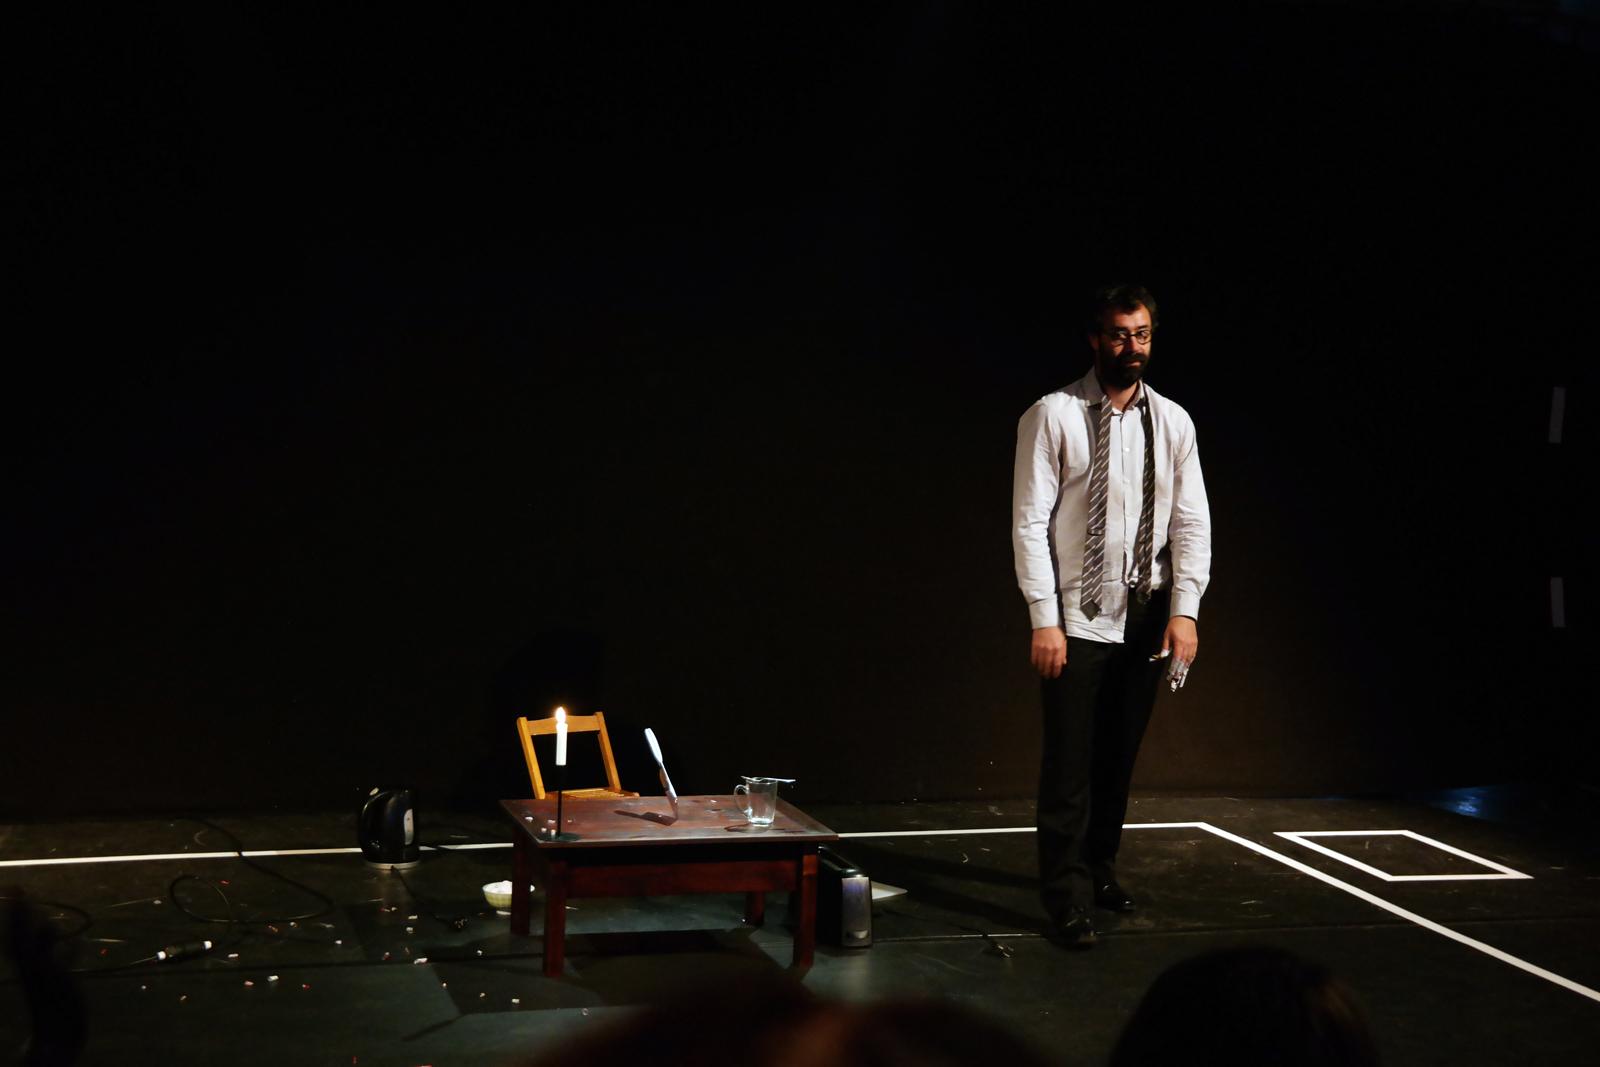 Etienne Manceau spectacle VU compagnie Sacékripa solo pour un manipulateur d objets usuels Festival Perspectives 2016 Sarrebruck Saarbrücken allemagne photo usofparis blog